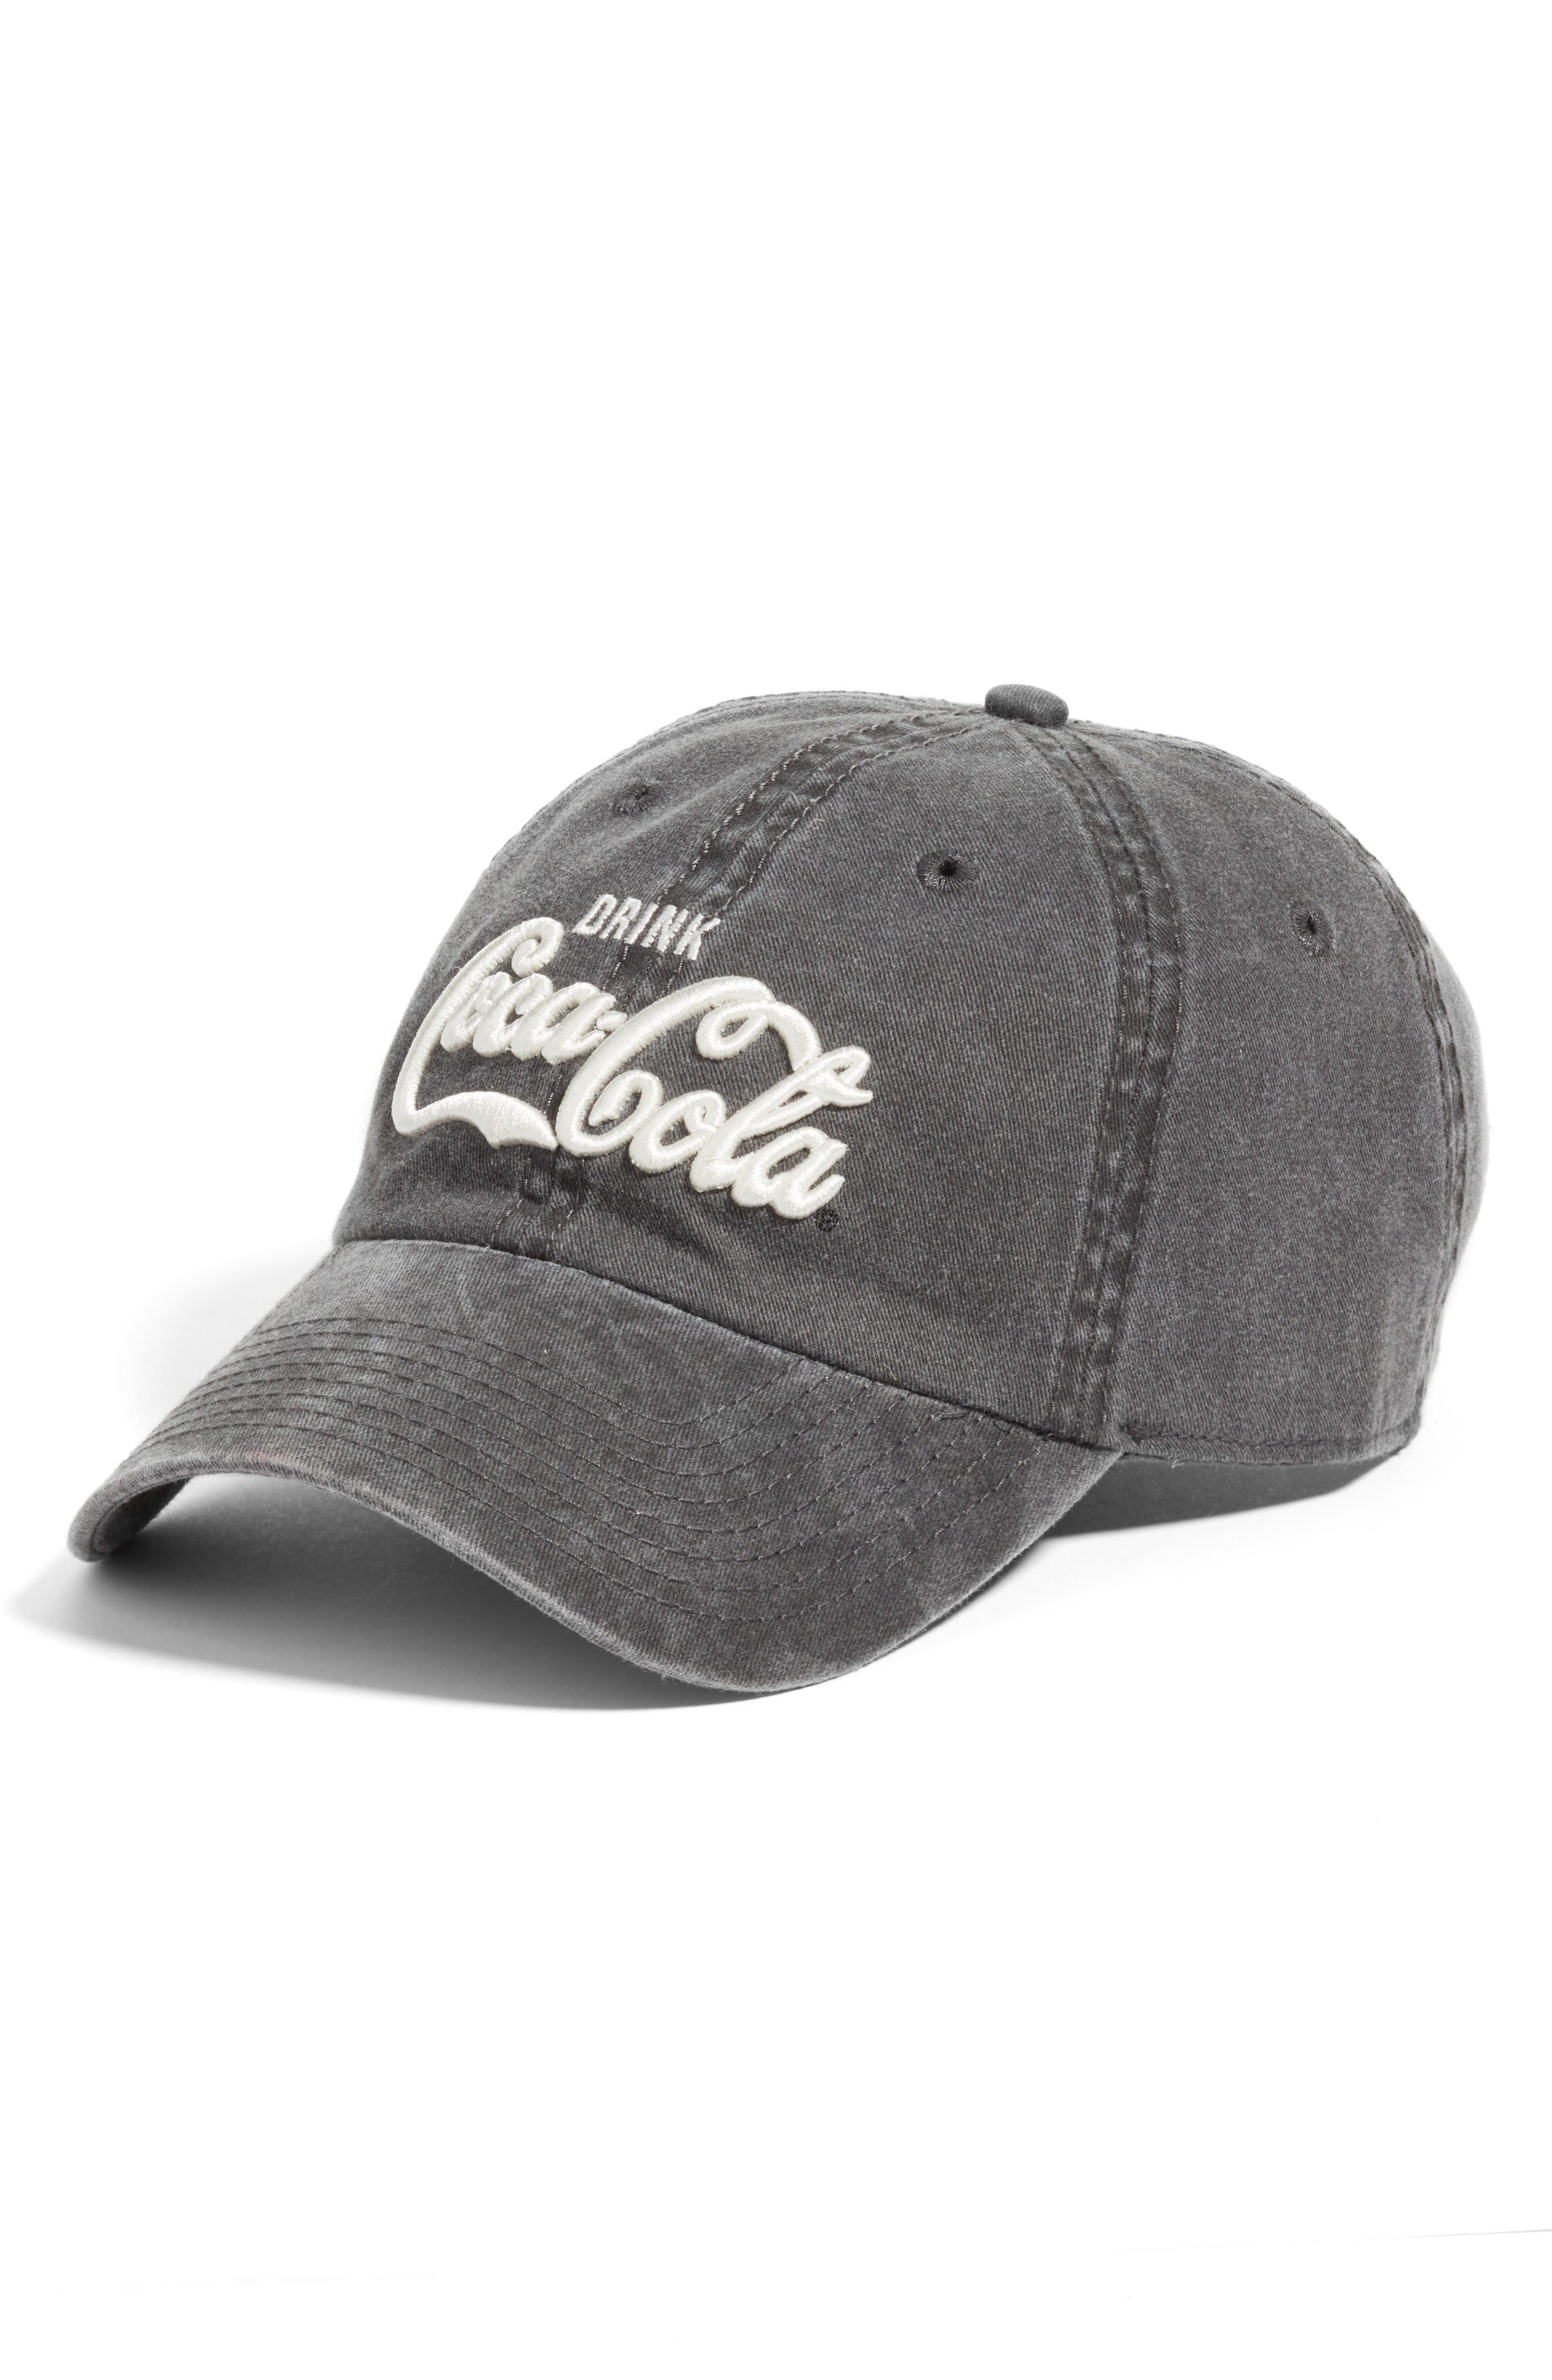 New Raglan - Coca-Cola Baseball Cap,                         Main,                         color, Black